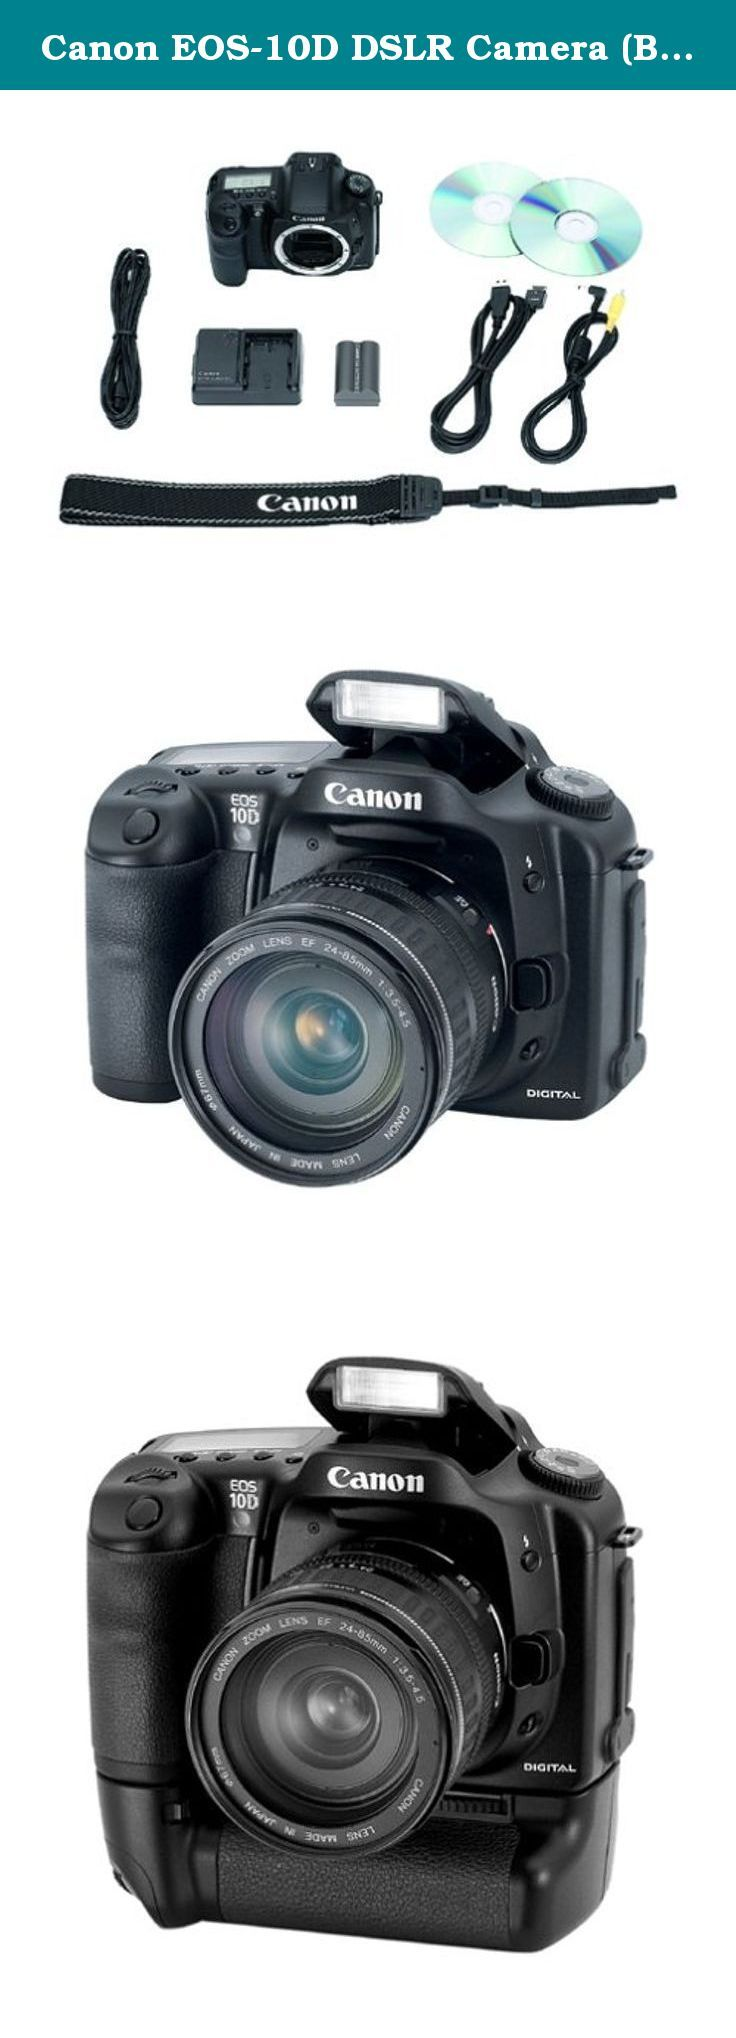 Canon Eos 10d Dslr Camera Body Only Canon Cameras 8363a013 Canon Eos 10d Kit Canon Camera Camera Canon Digital Camera